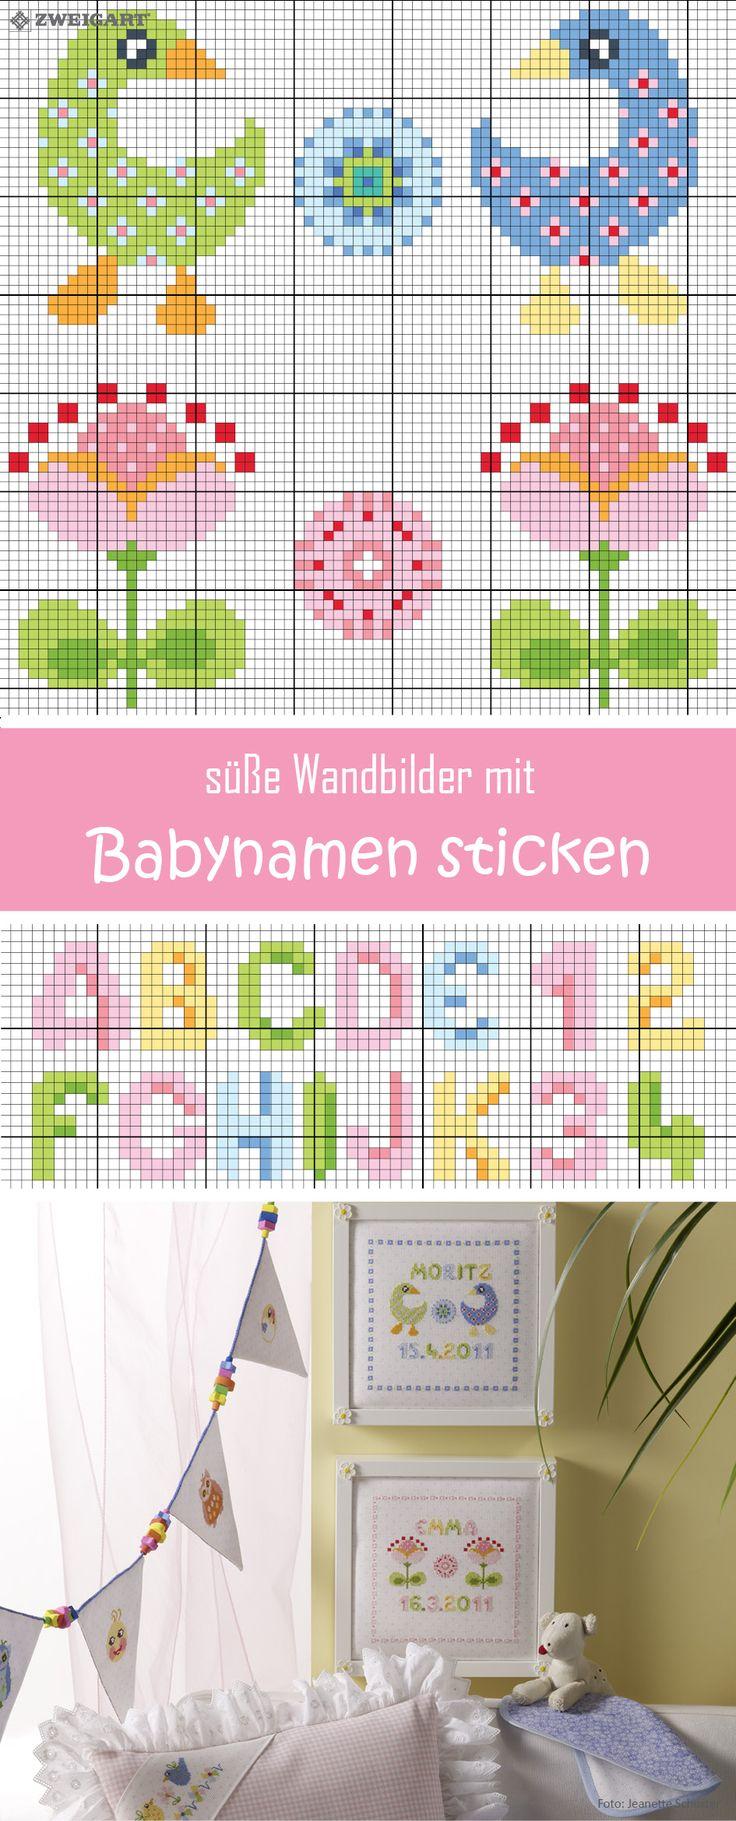 Baby-Wandbilder mit Namen & Geburtsdatum für Mädchen & Jungs sticken #Sticken #Kreuzstich / #Baby; #Embroidery #Crossstitch / #baby / #ZWEIGART